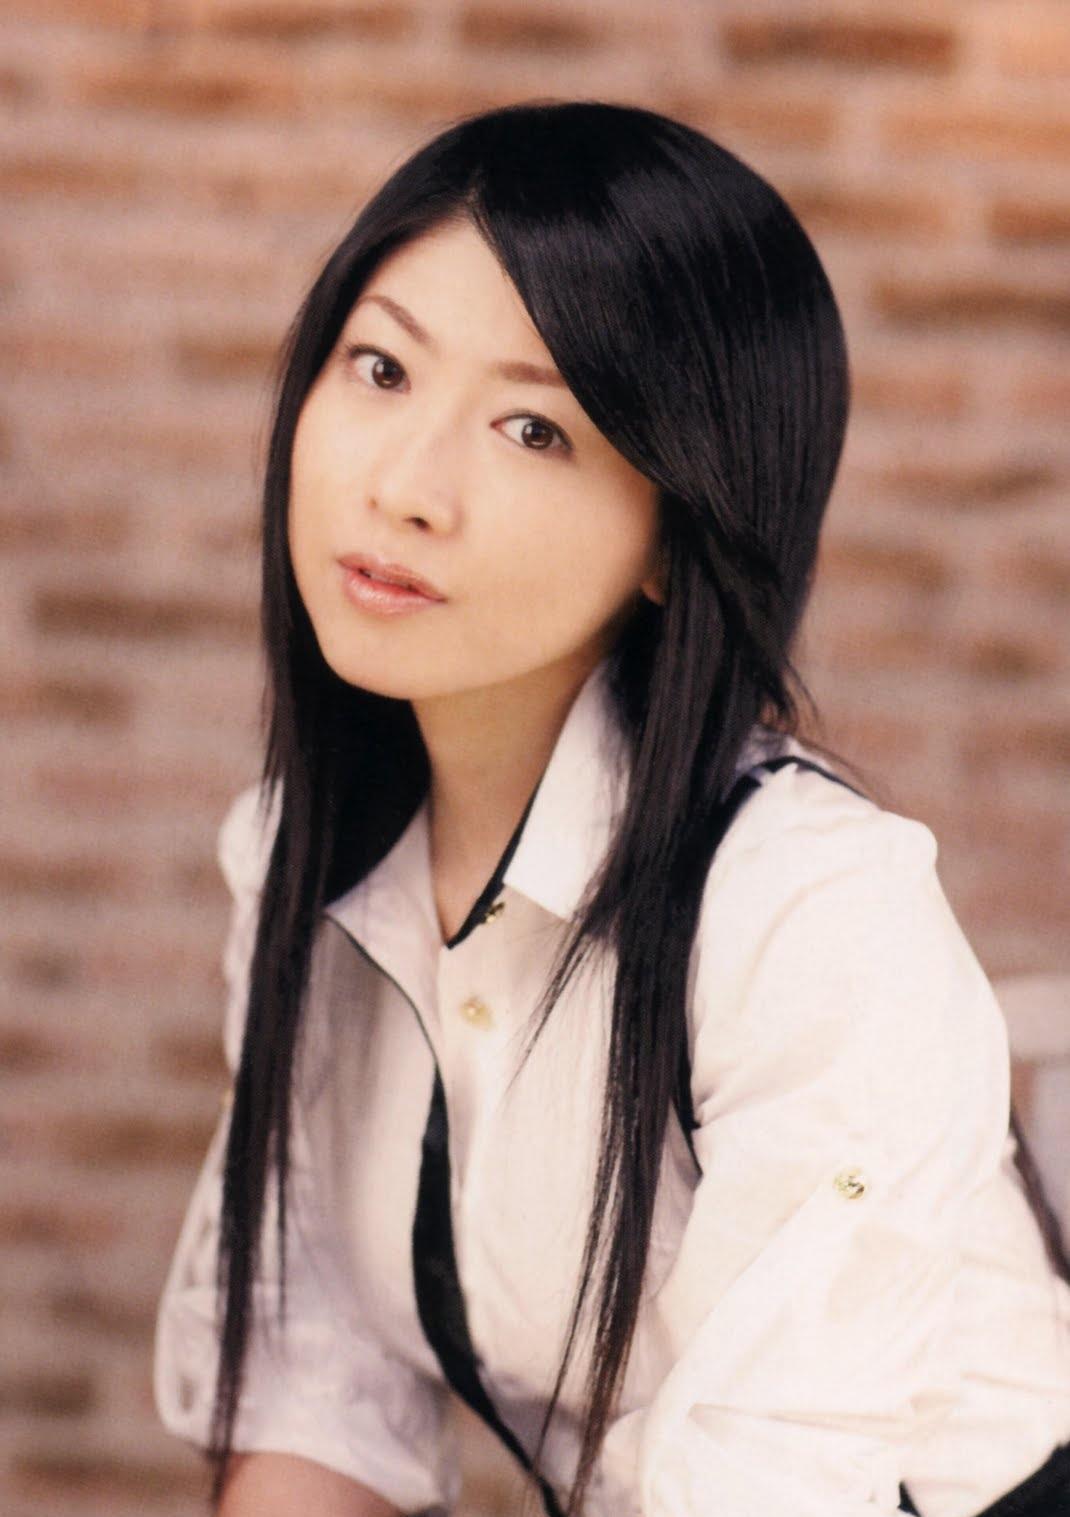 sayo-aizawa-celebrity-799710628